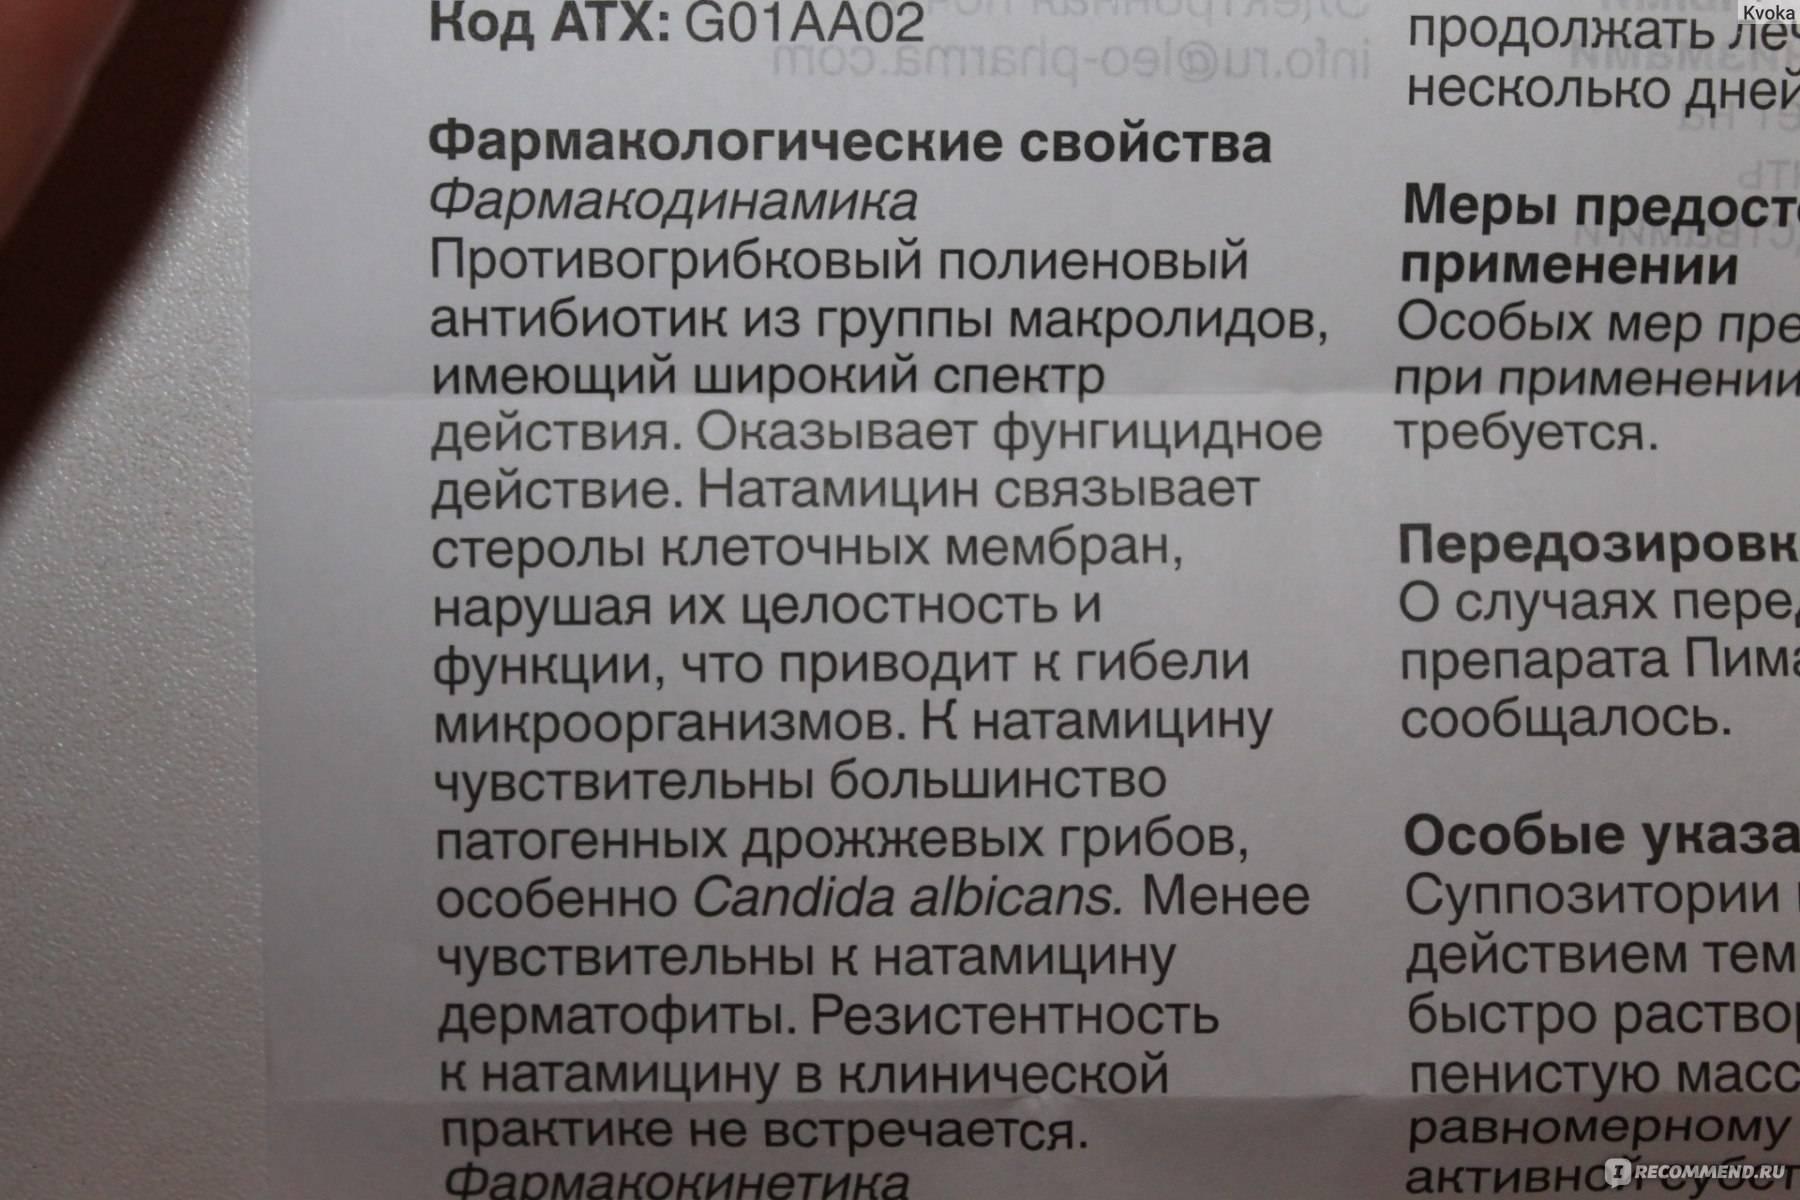 Геделикс при беременности — особенности применения в 1, 2, 3 триместрах - wikidochelp.ru